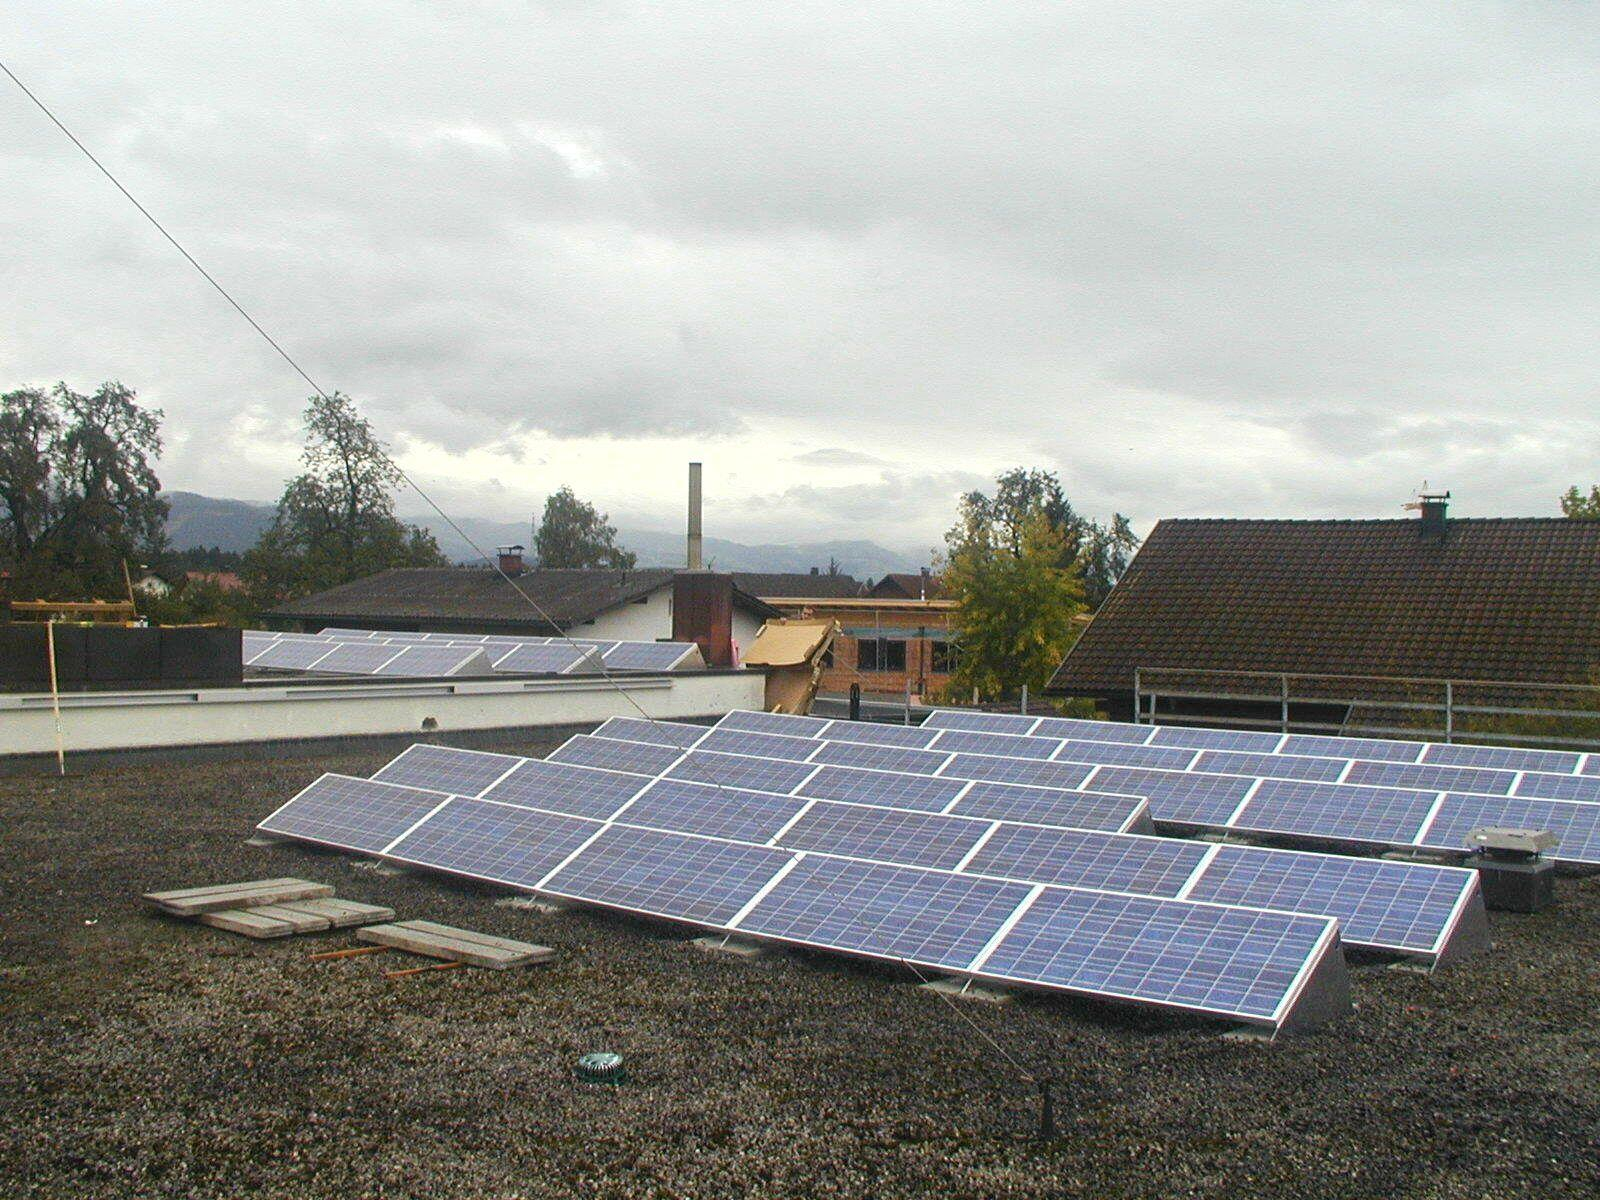 Die Anlage hat eine Jahresleistung von rund 290.000 Kilowattstunden womit rund 150 Einfamilienhäuser ein Jahr beheizt werden können